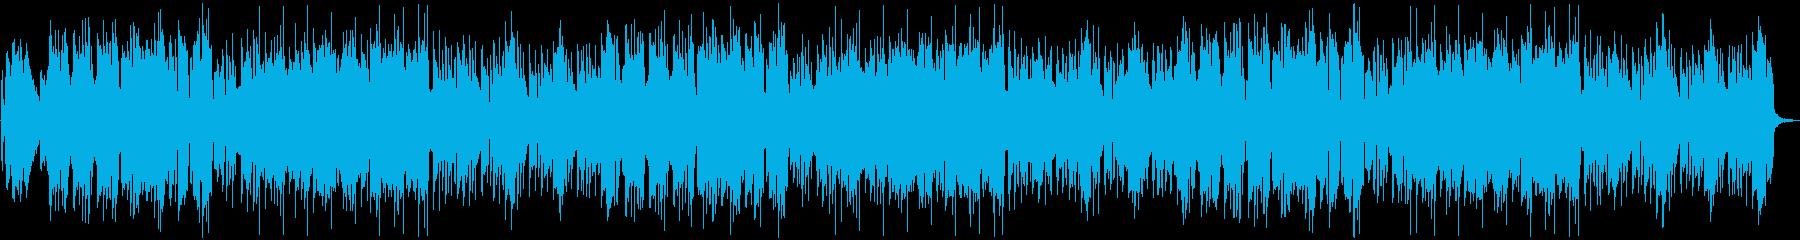 和風のお便りコーナー的なBGMの再生済みの波形